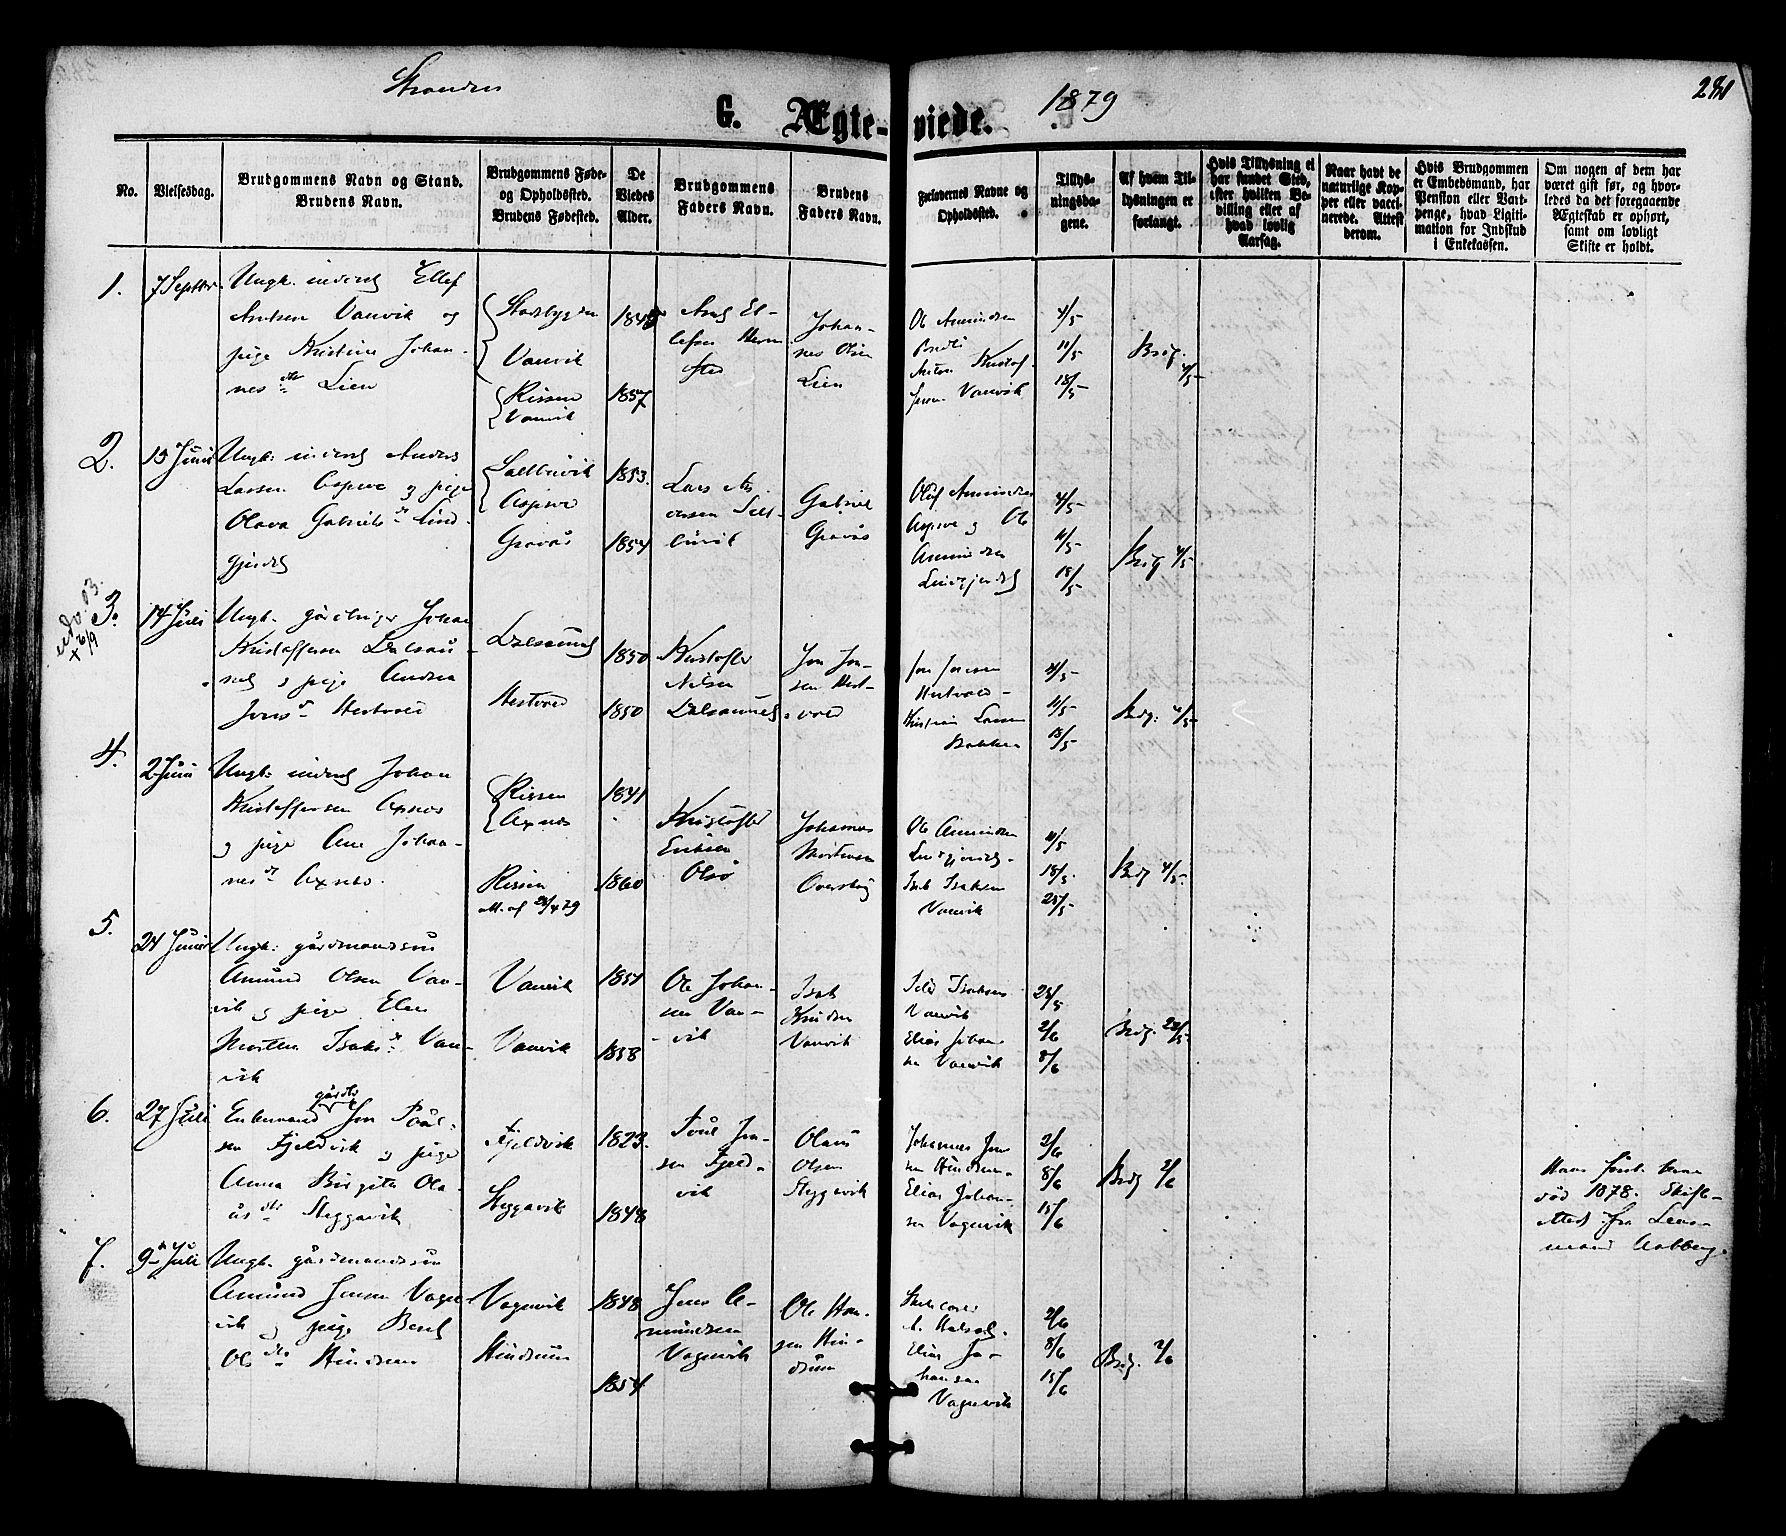 SAT, Ministerialprotokoller, klokkerbøker og fødselsregistre - Nord-Trøndelag, 701/L0009: Ministerialbok nr. 701A09 /2, 1864-1882, s. 281